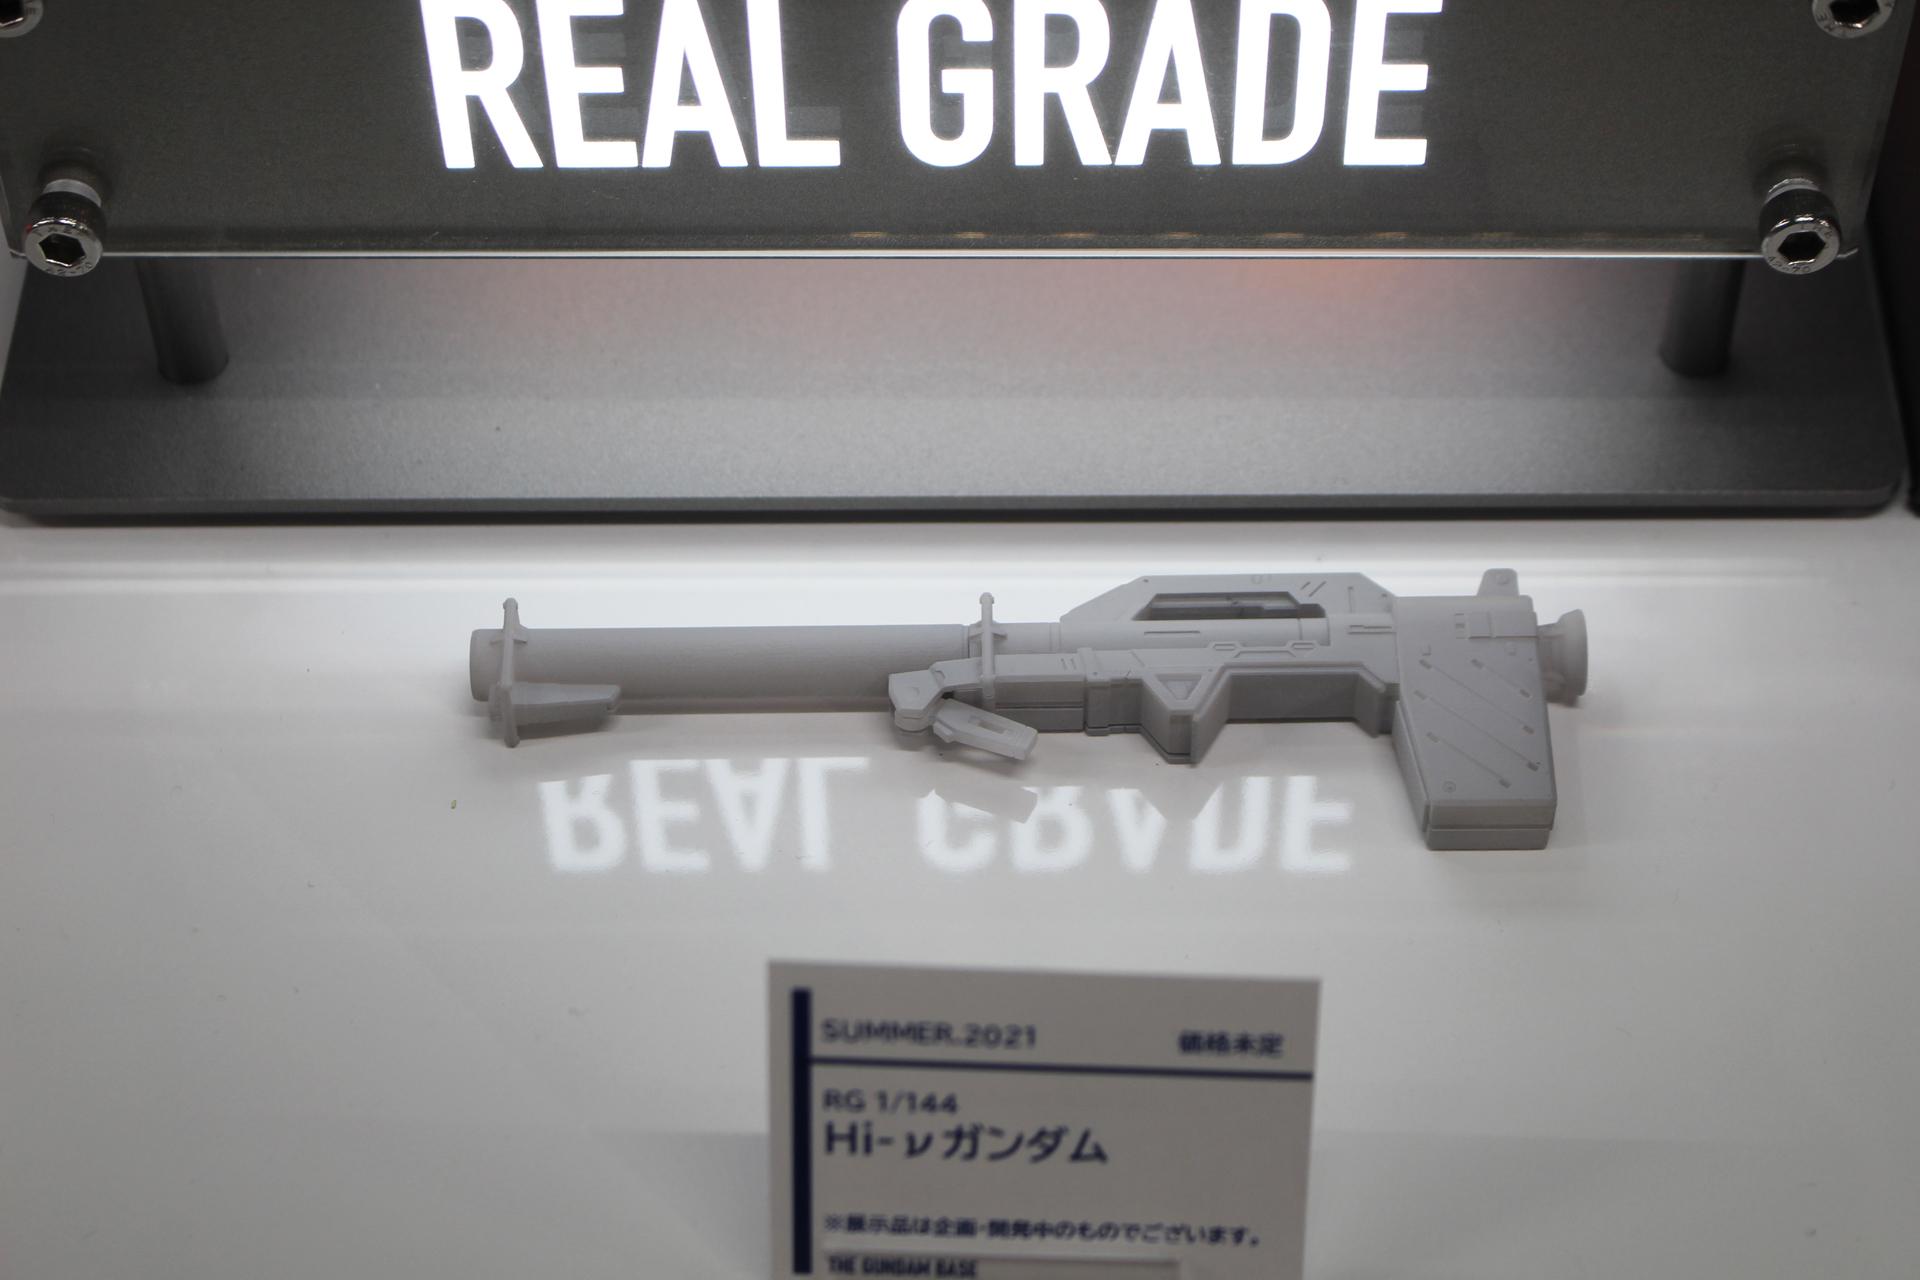 武装はビーム・ライフルやシールドの他、ニュー・ハイパー・バズーカもあるようだ